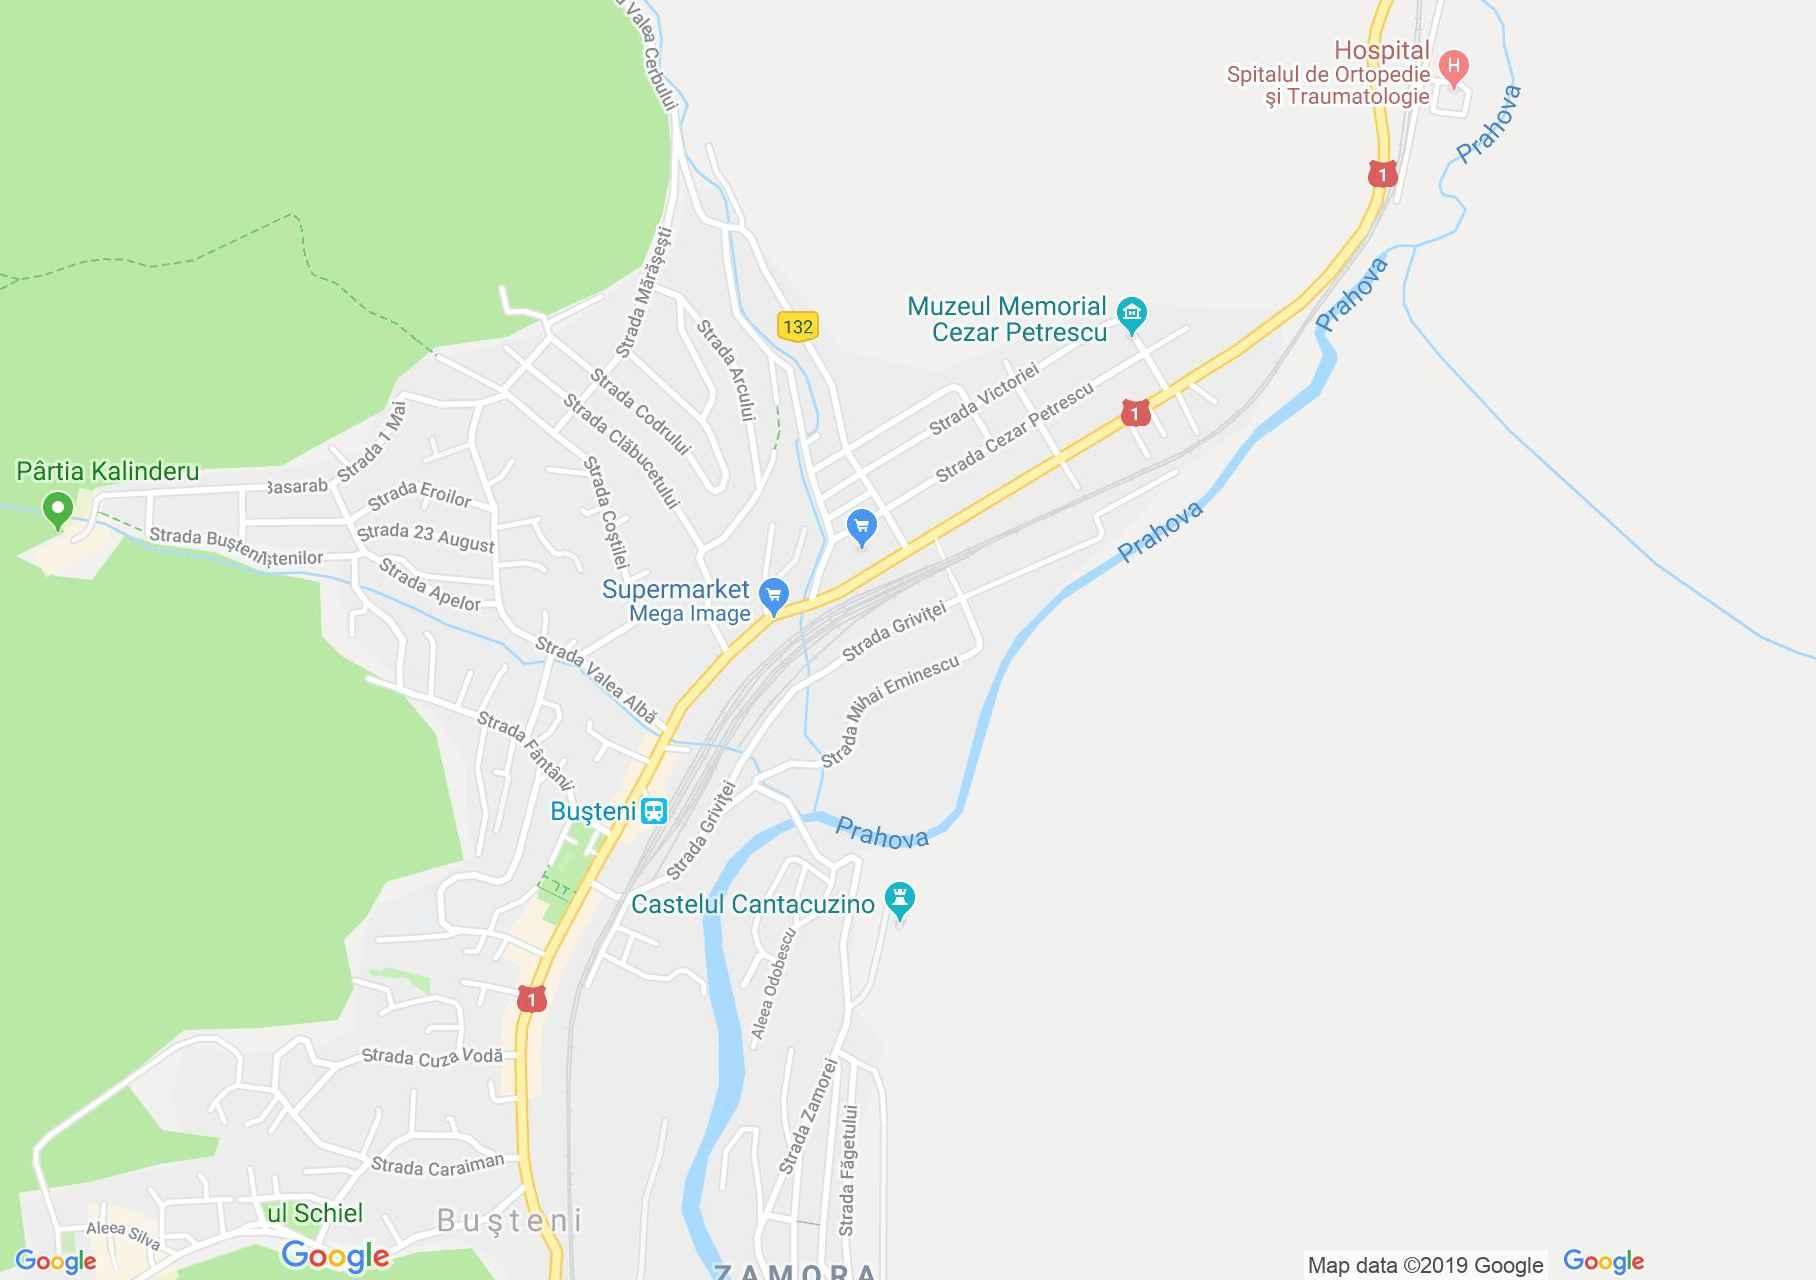 Busteni: Cantacuzino kastély (térkép)